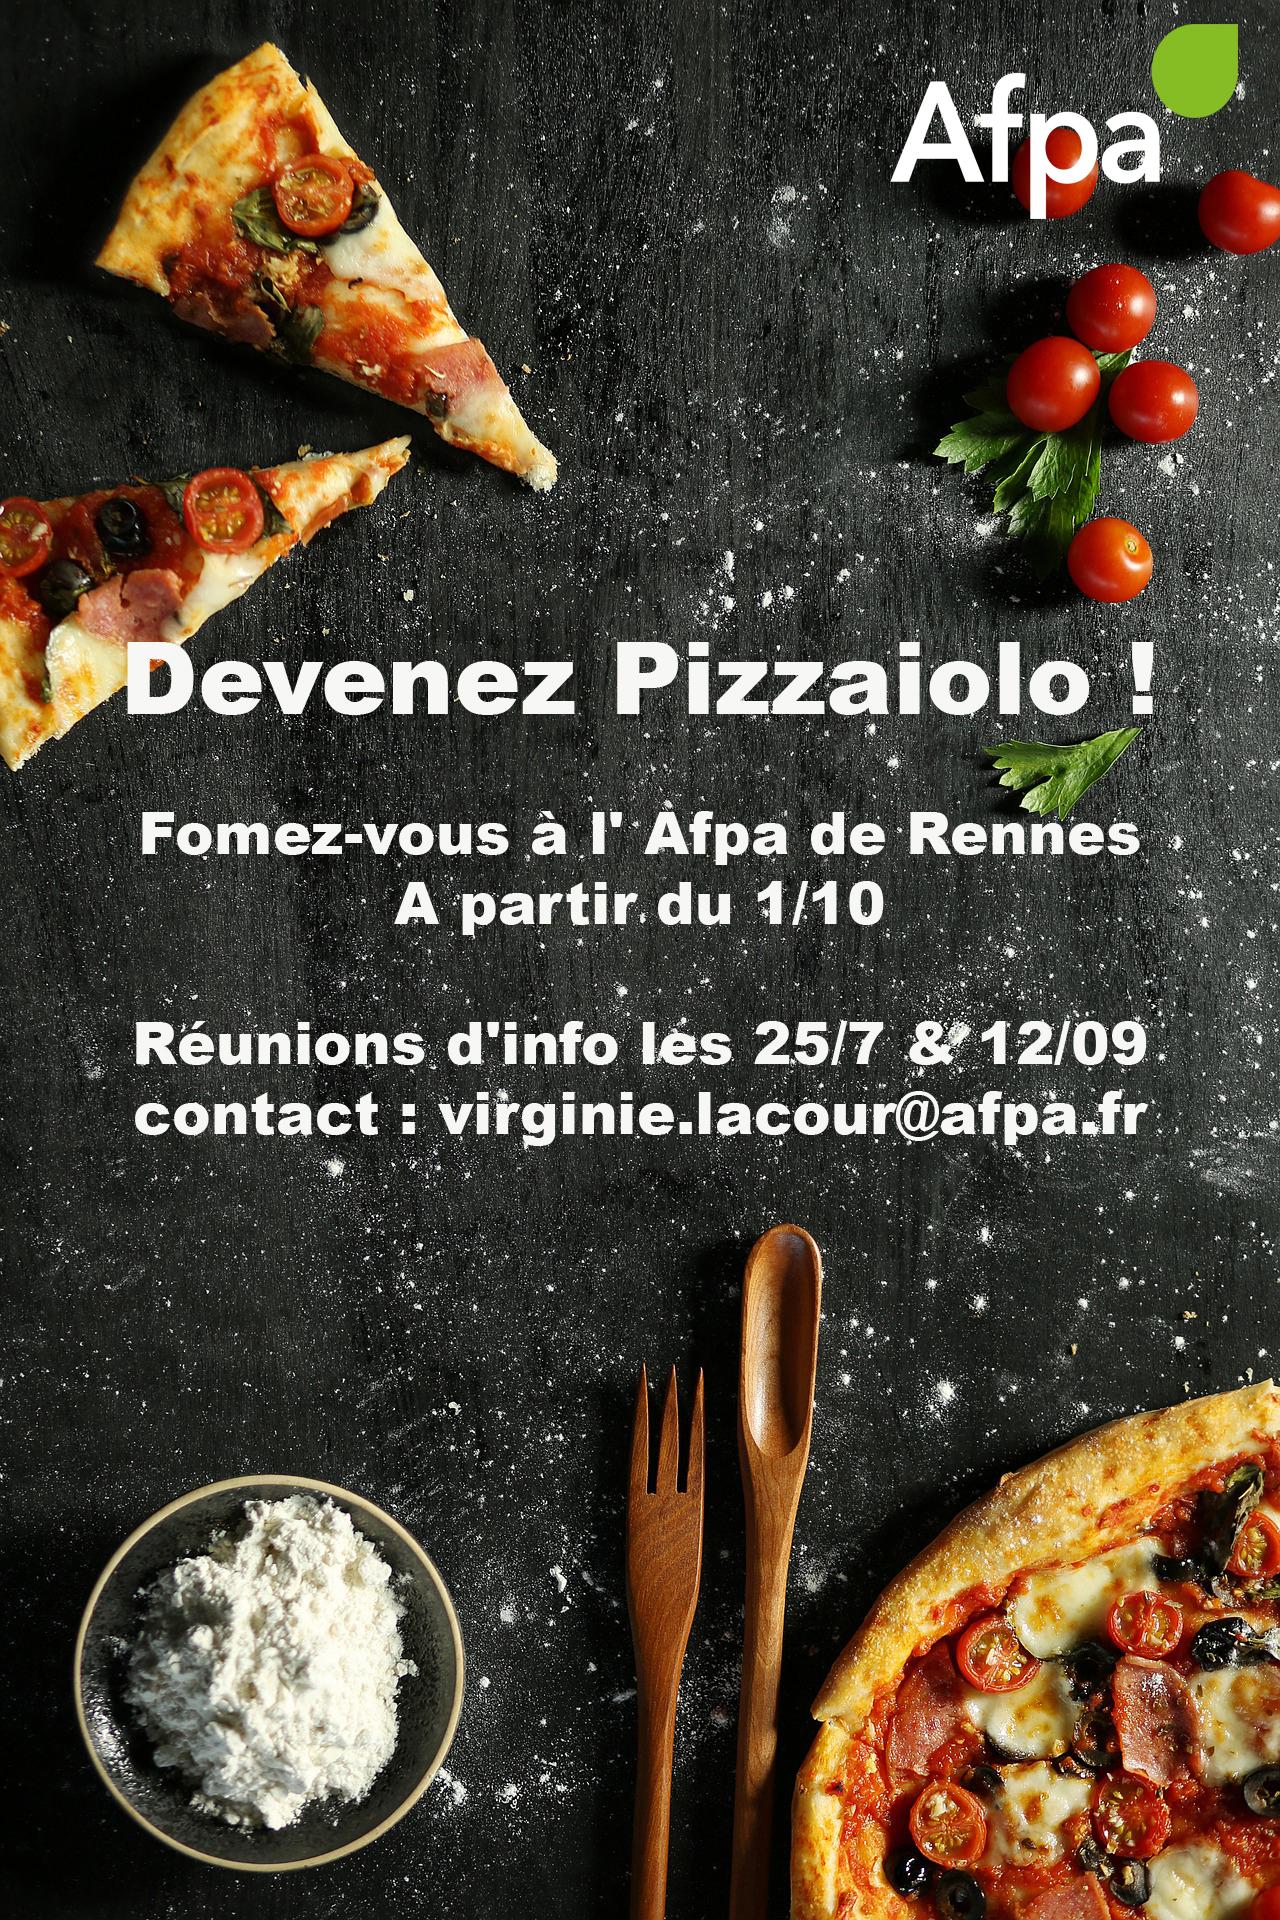 Devenez Pizzaiolo ! On vous forme